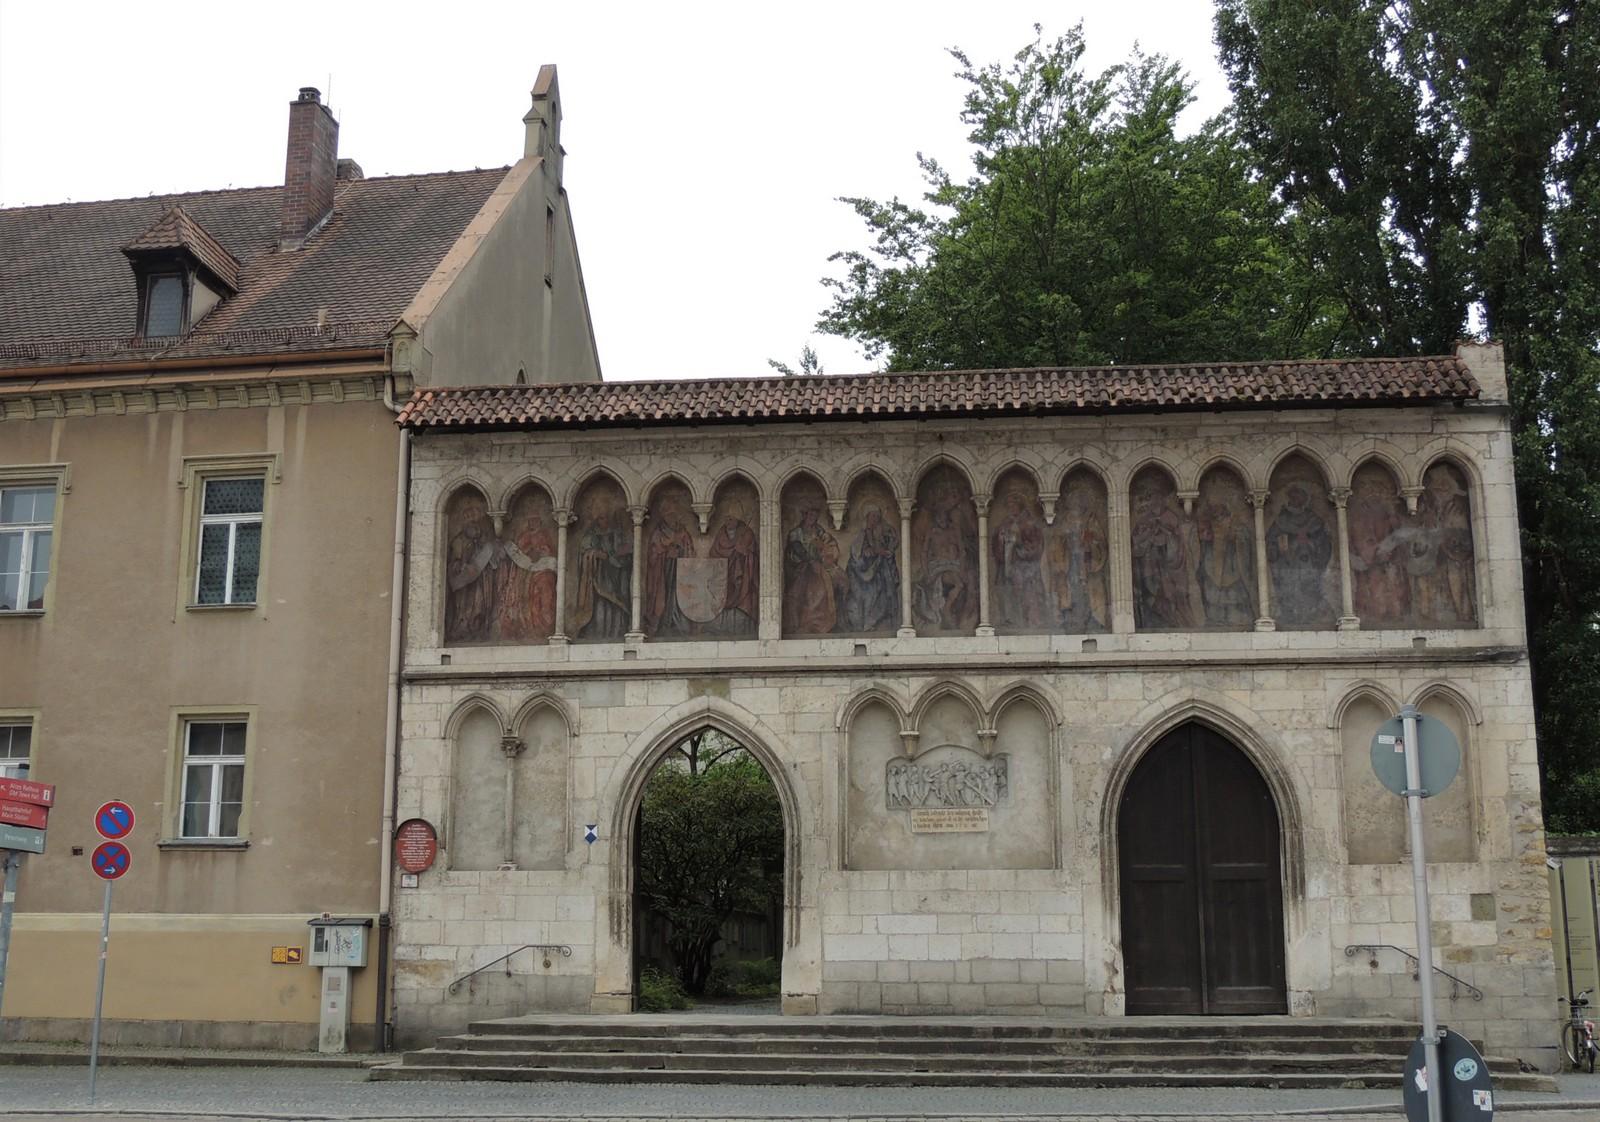 Regensburg - Äußere Torwand des Klosters St. Emmeram